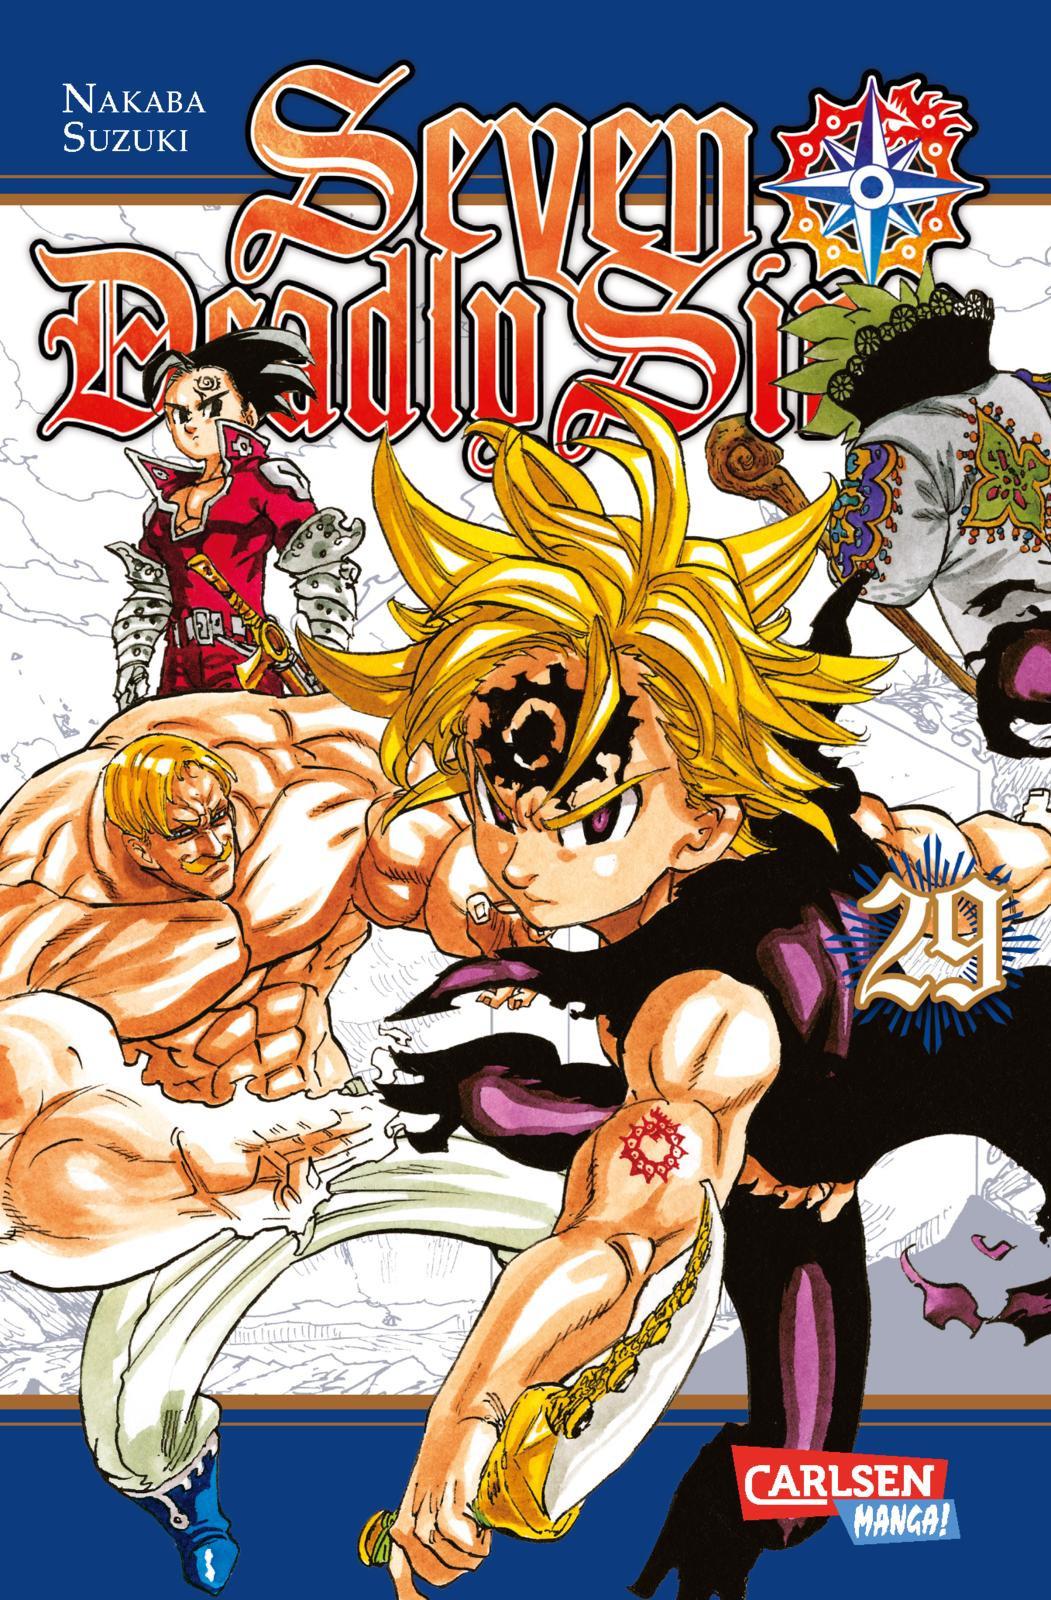 Seven Deadly Sins 29 Manga